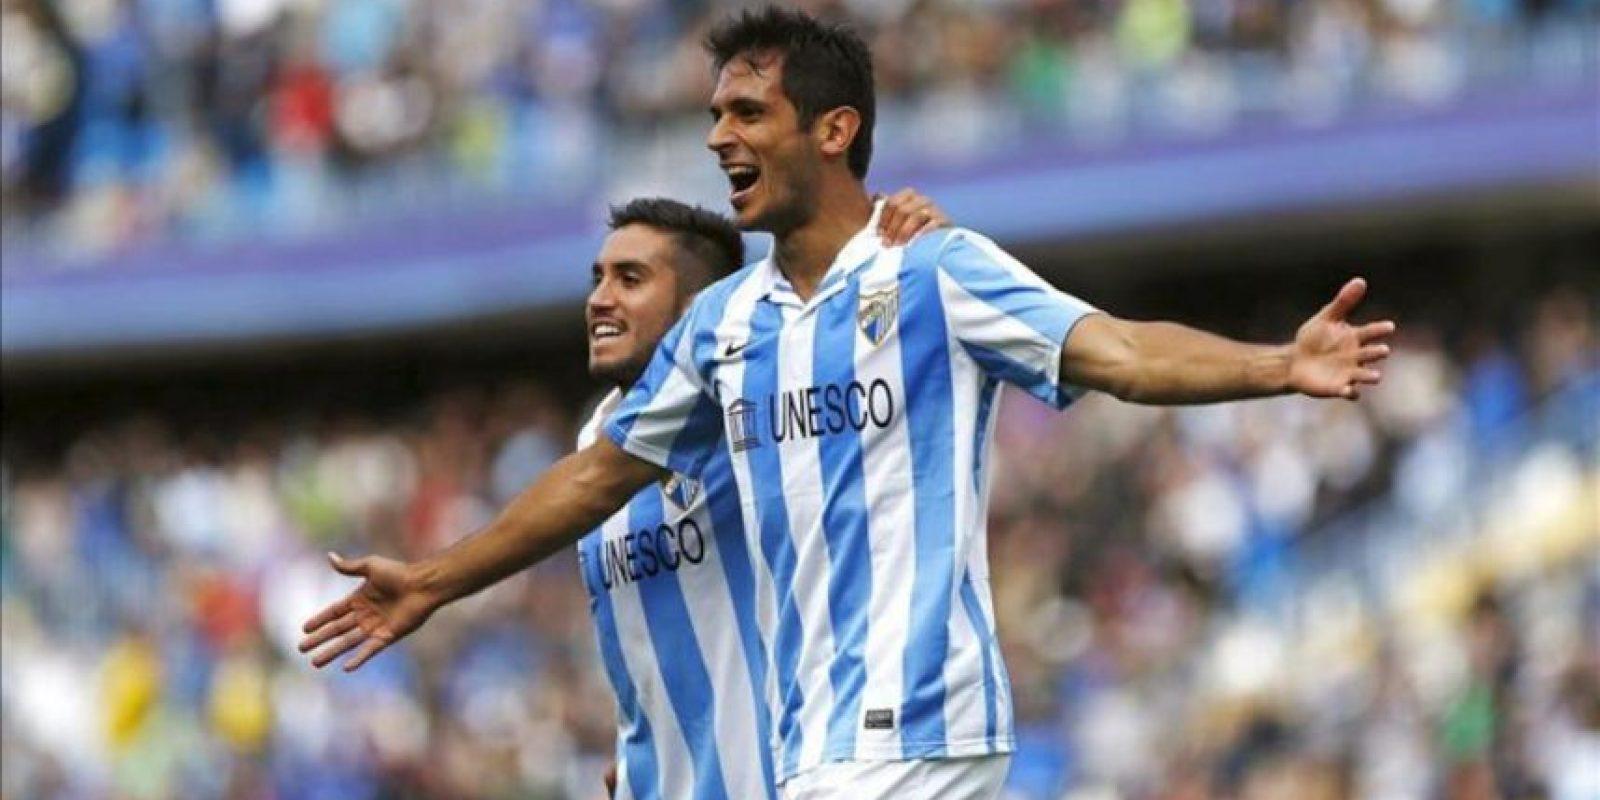 El delantero paraguayo del Málaga Roque Santa Cruz (d) celebra, junto al centrocampista chileno Pedro Morales, el gol que acaba de marcar, el primero de su equipo ante el Getafe durante el partido de la trigésimo tercera jornada de la liga de primera división que se jugó en el estadio de La Rosaleda en Málaga. EFE